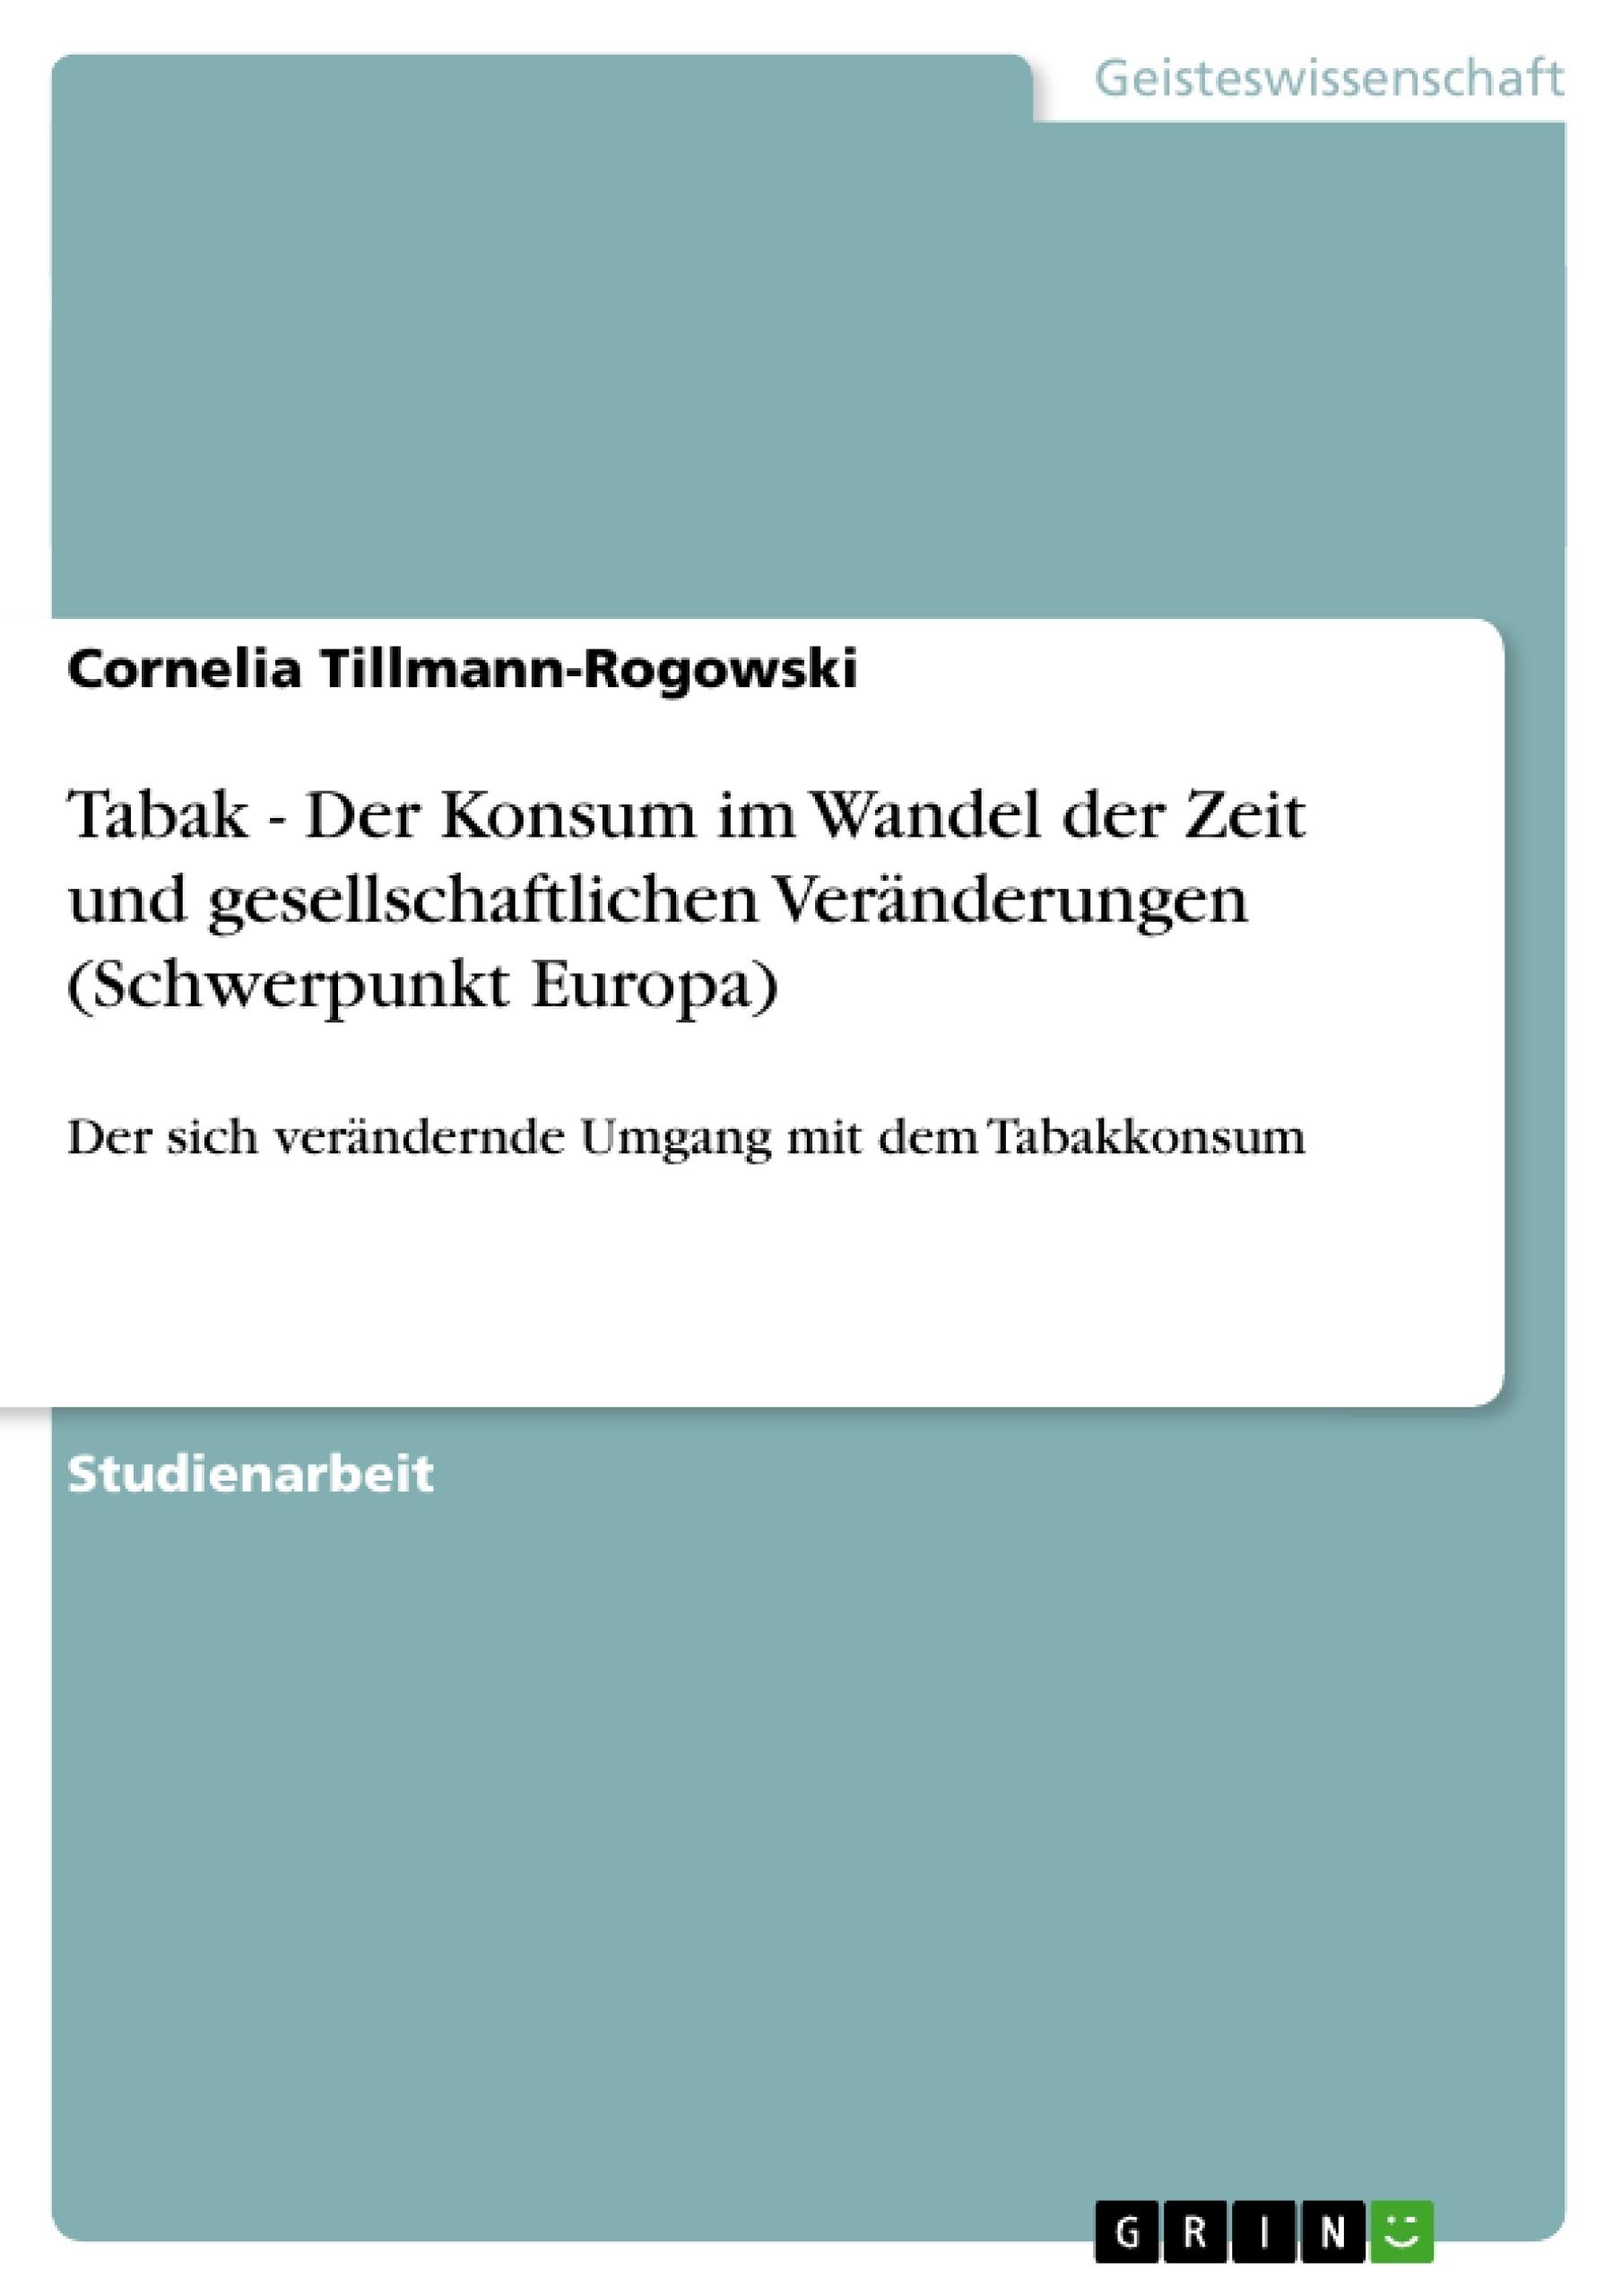 Titel: Tabak - Der Konsum im Wandel der Zeit und gesellschaftlichen Veränderungen (Schwerpunkt Europa)